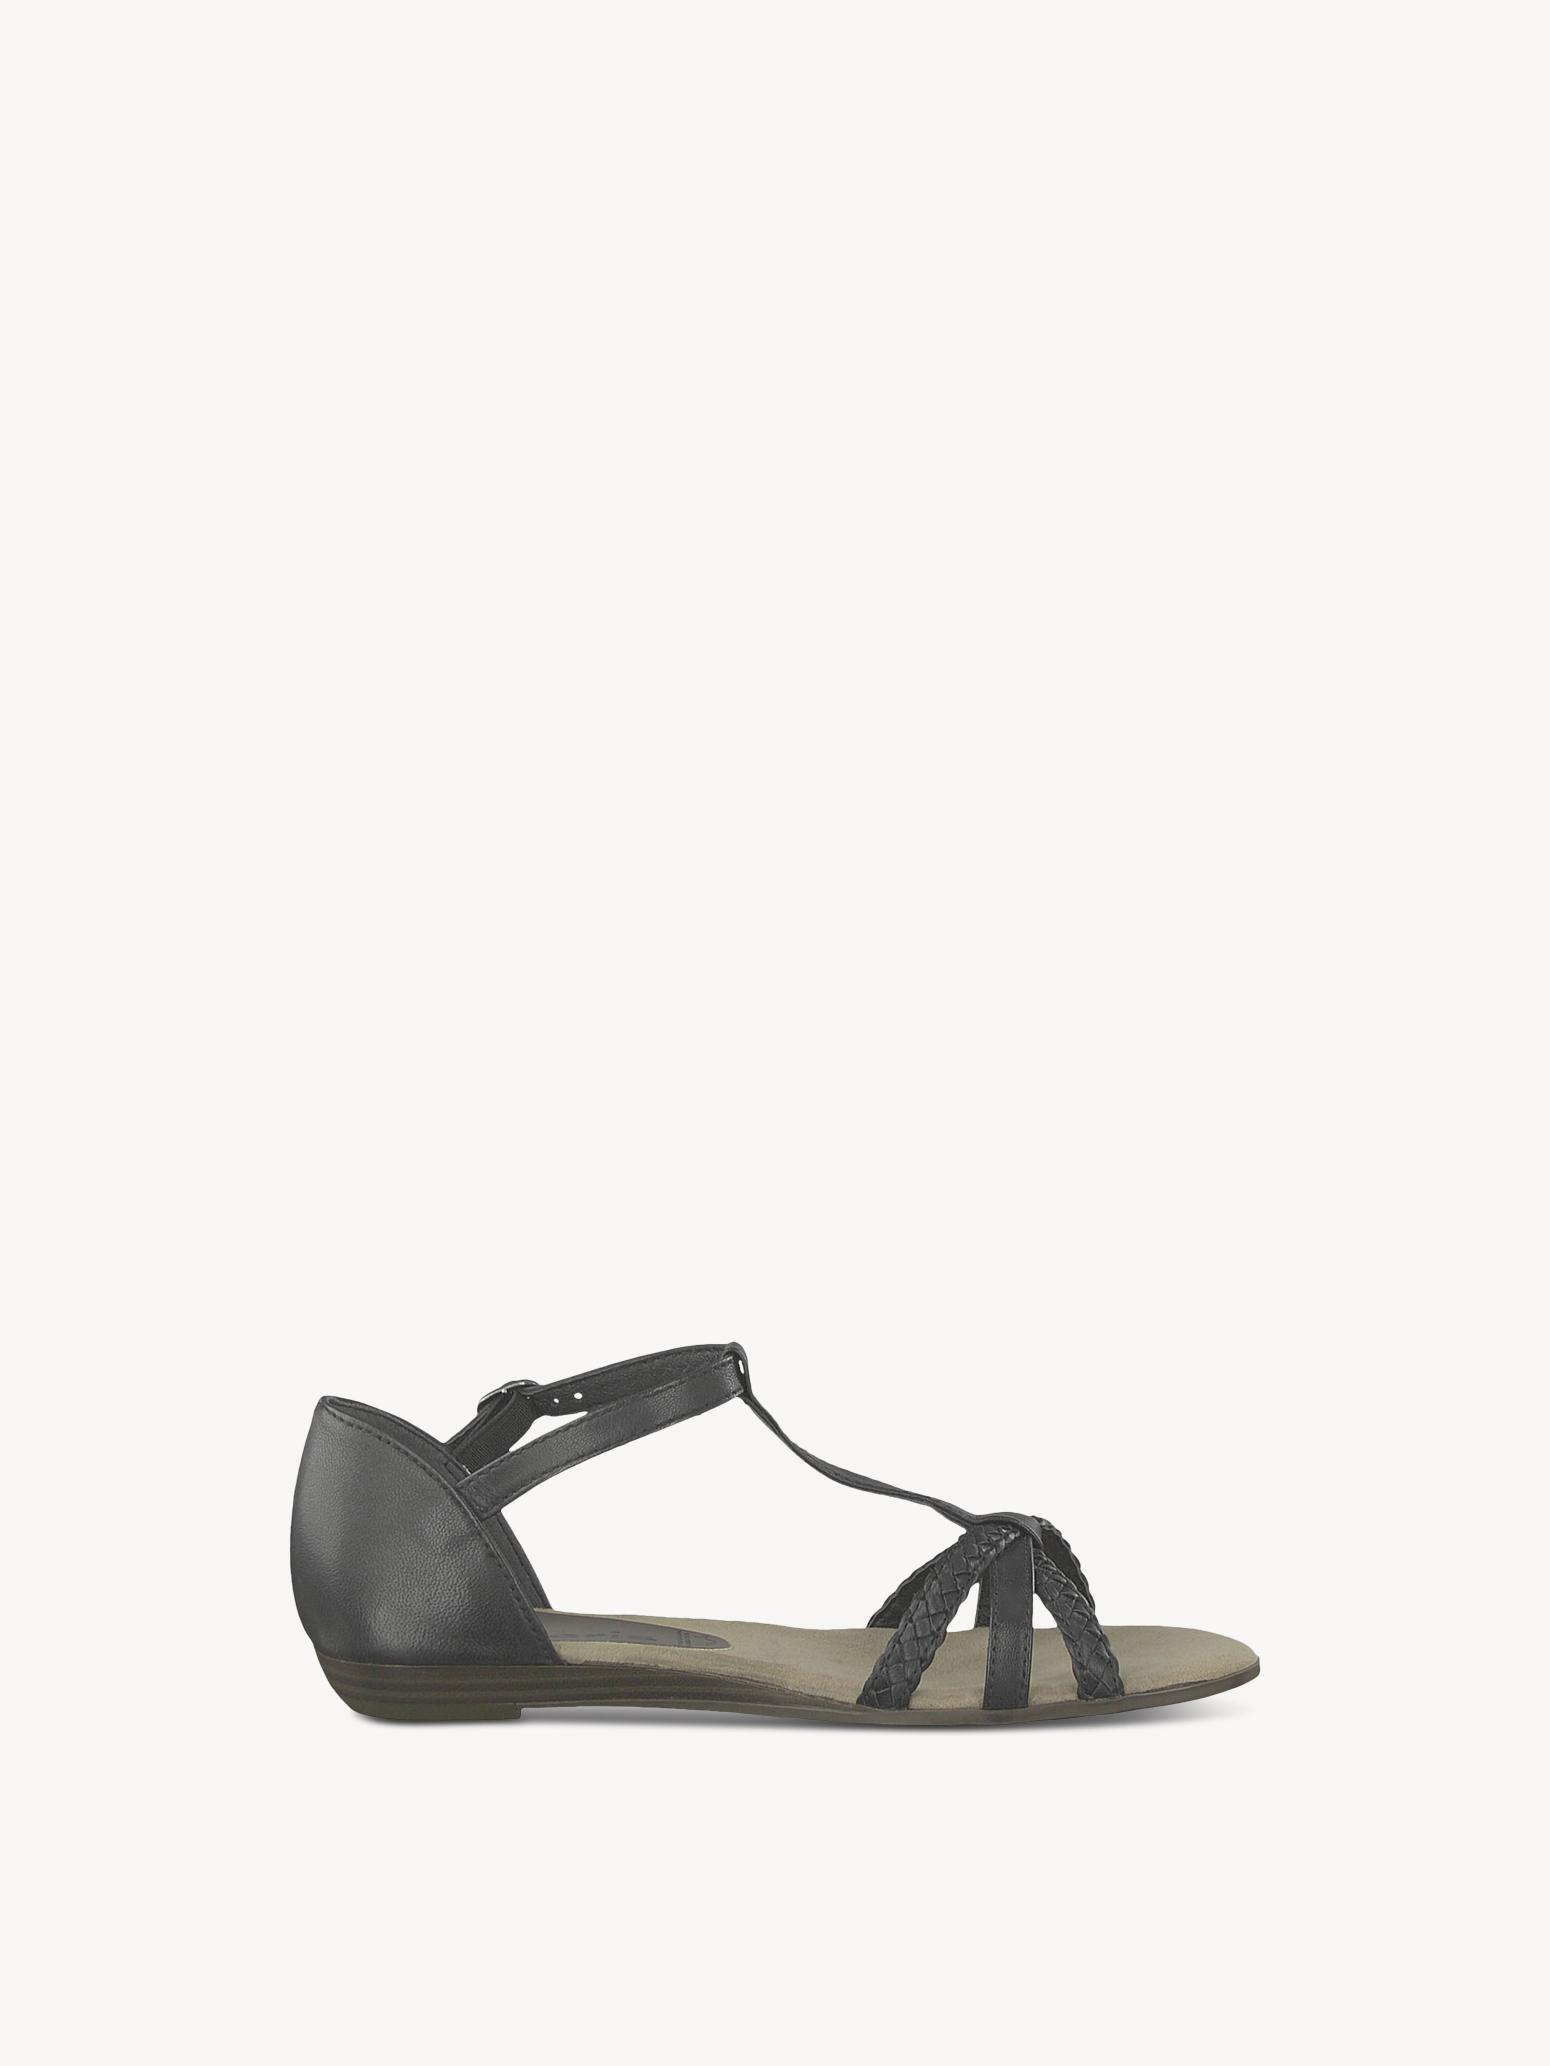 Tamaris Schuhe Sandale 1 1 28137 28 001 black schwarz NEU